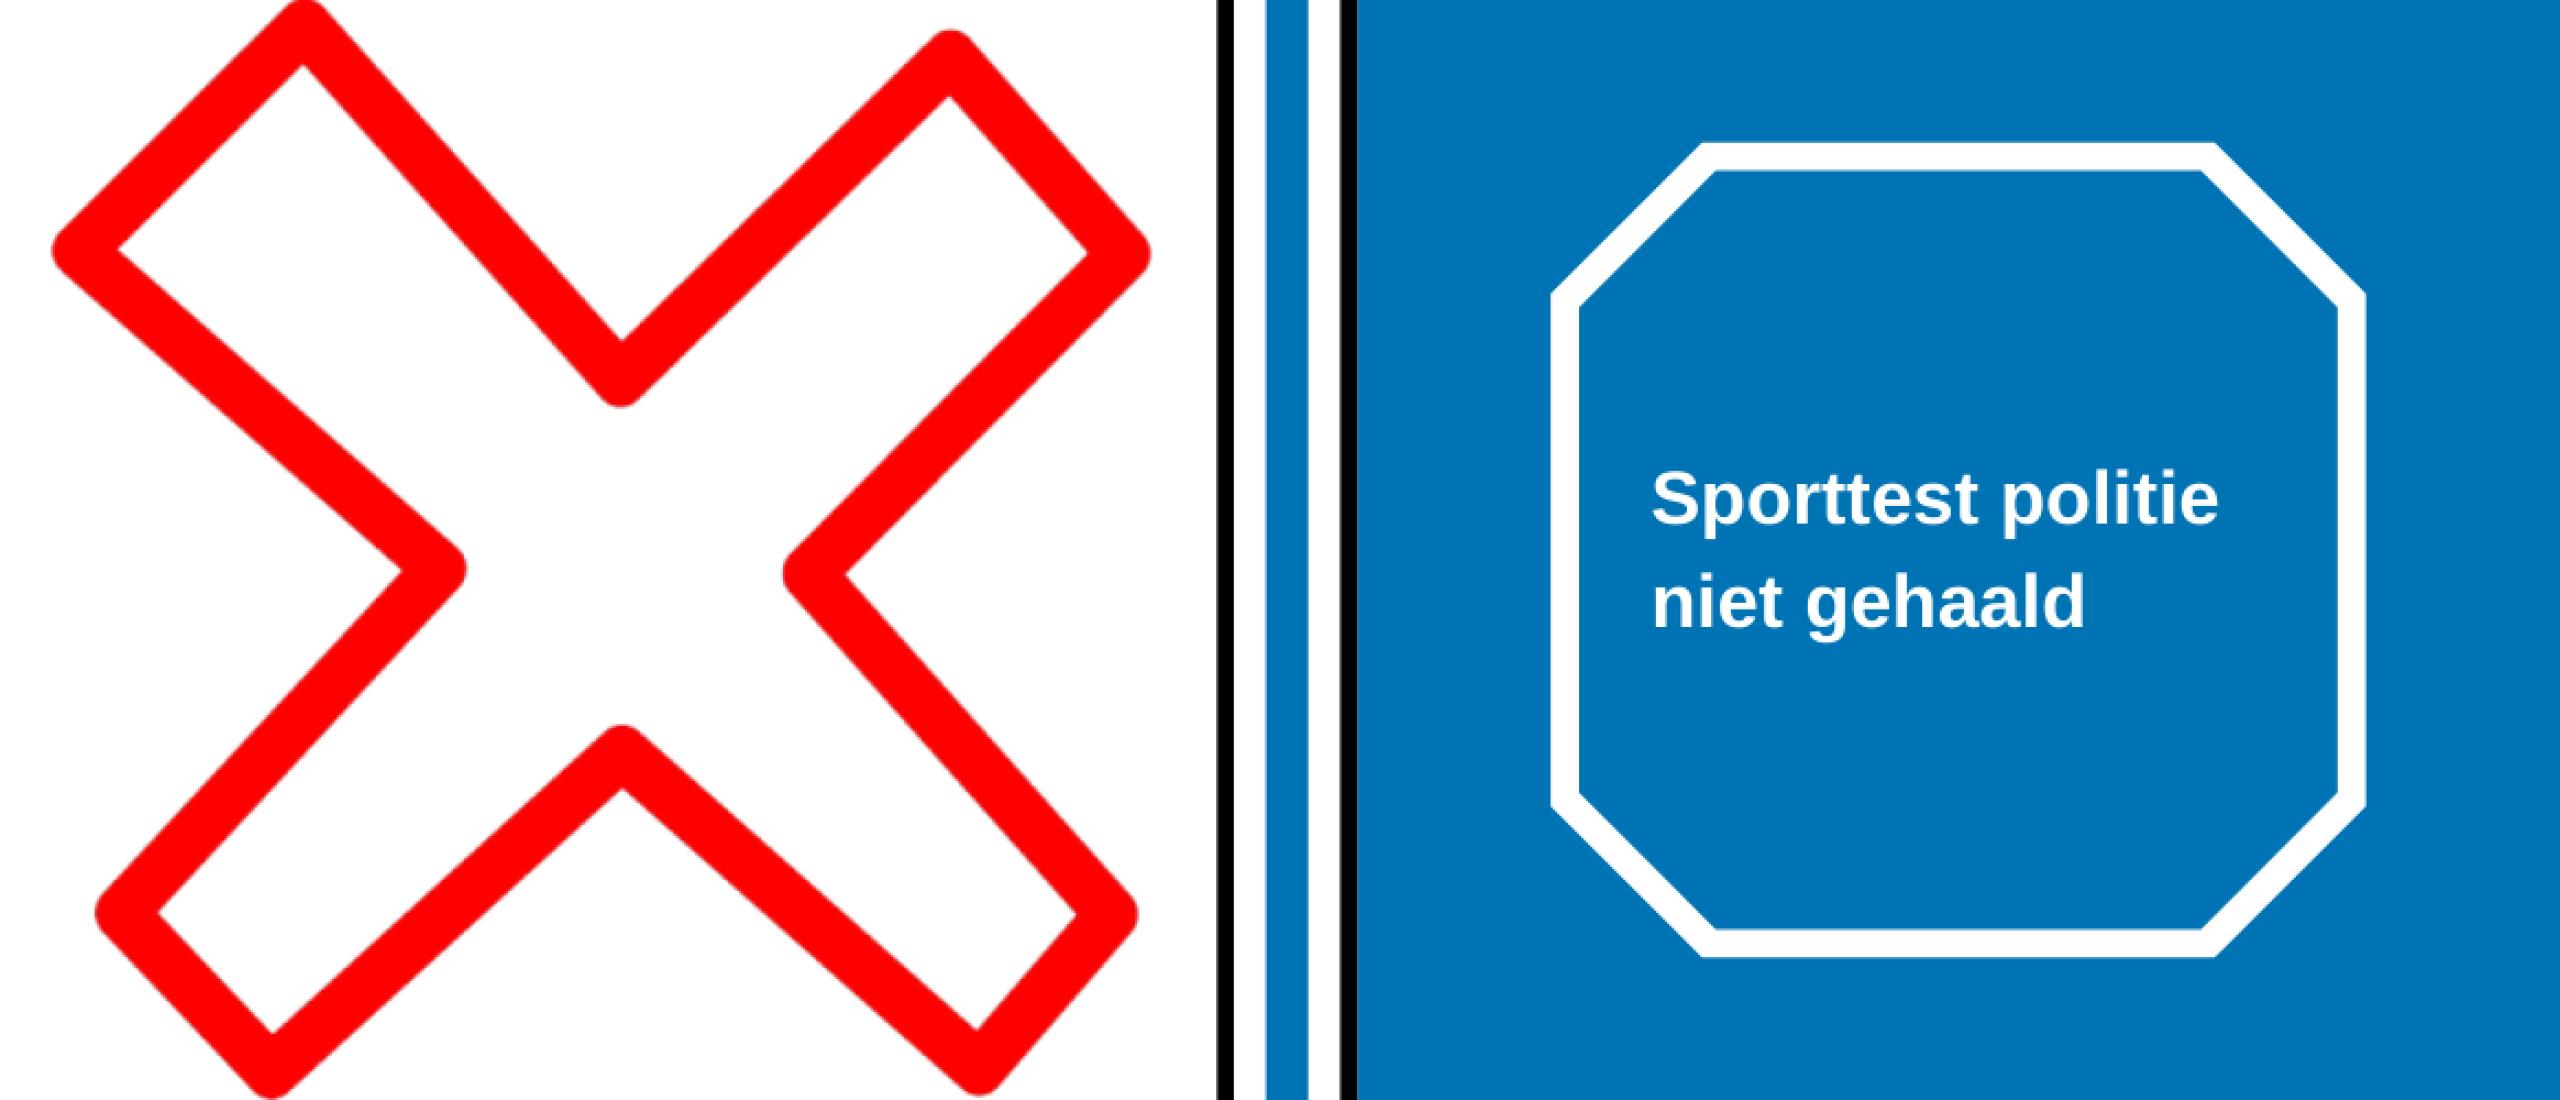 Sporttest politie niet gehaald